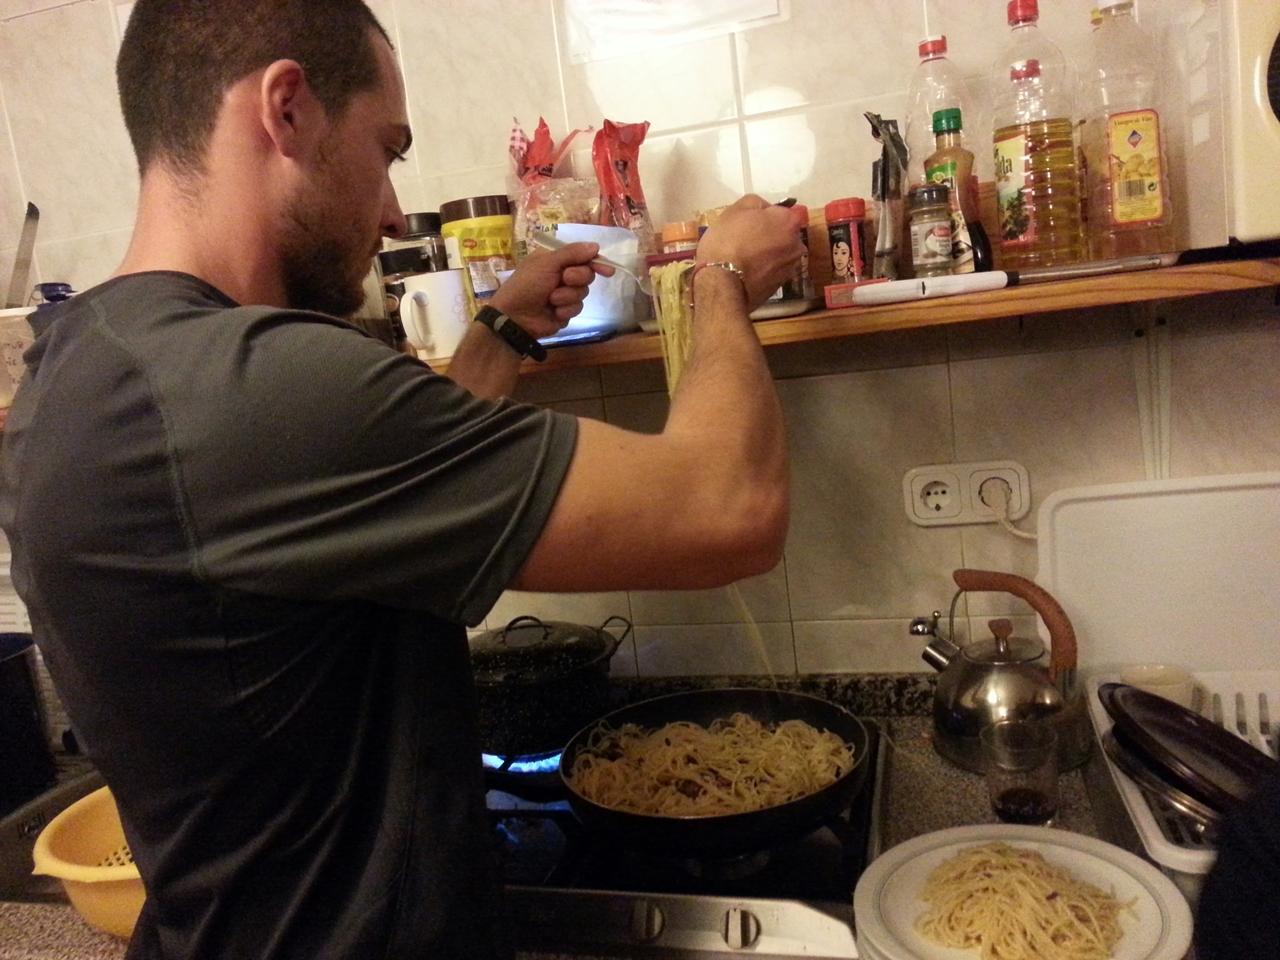 요리하는 이탈리아 친구 공동주방을 쓸 때는 한꺼번에 여러가지를 요리하거나 자리를 너무 많이 차지않도록 서로 배려가 필요하다